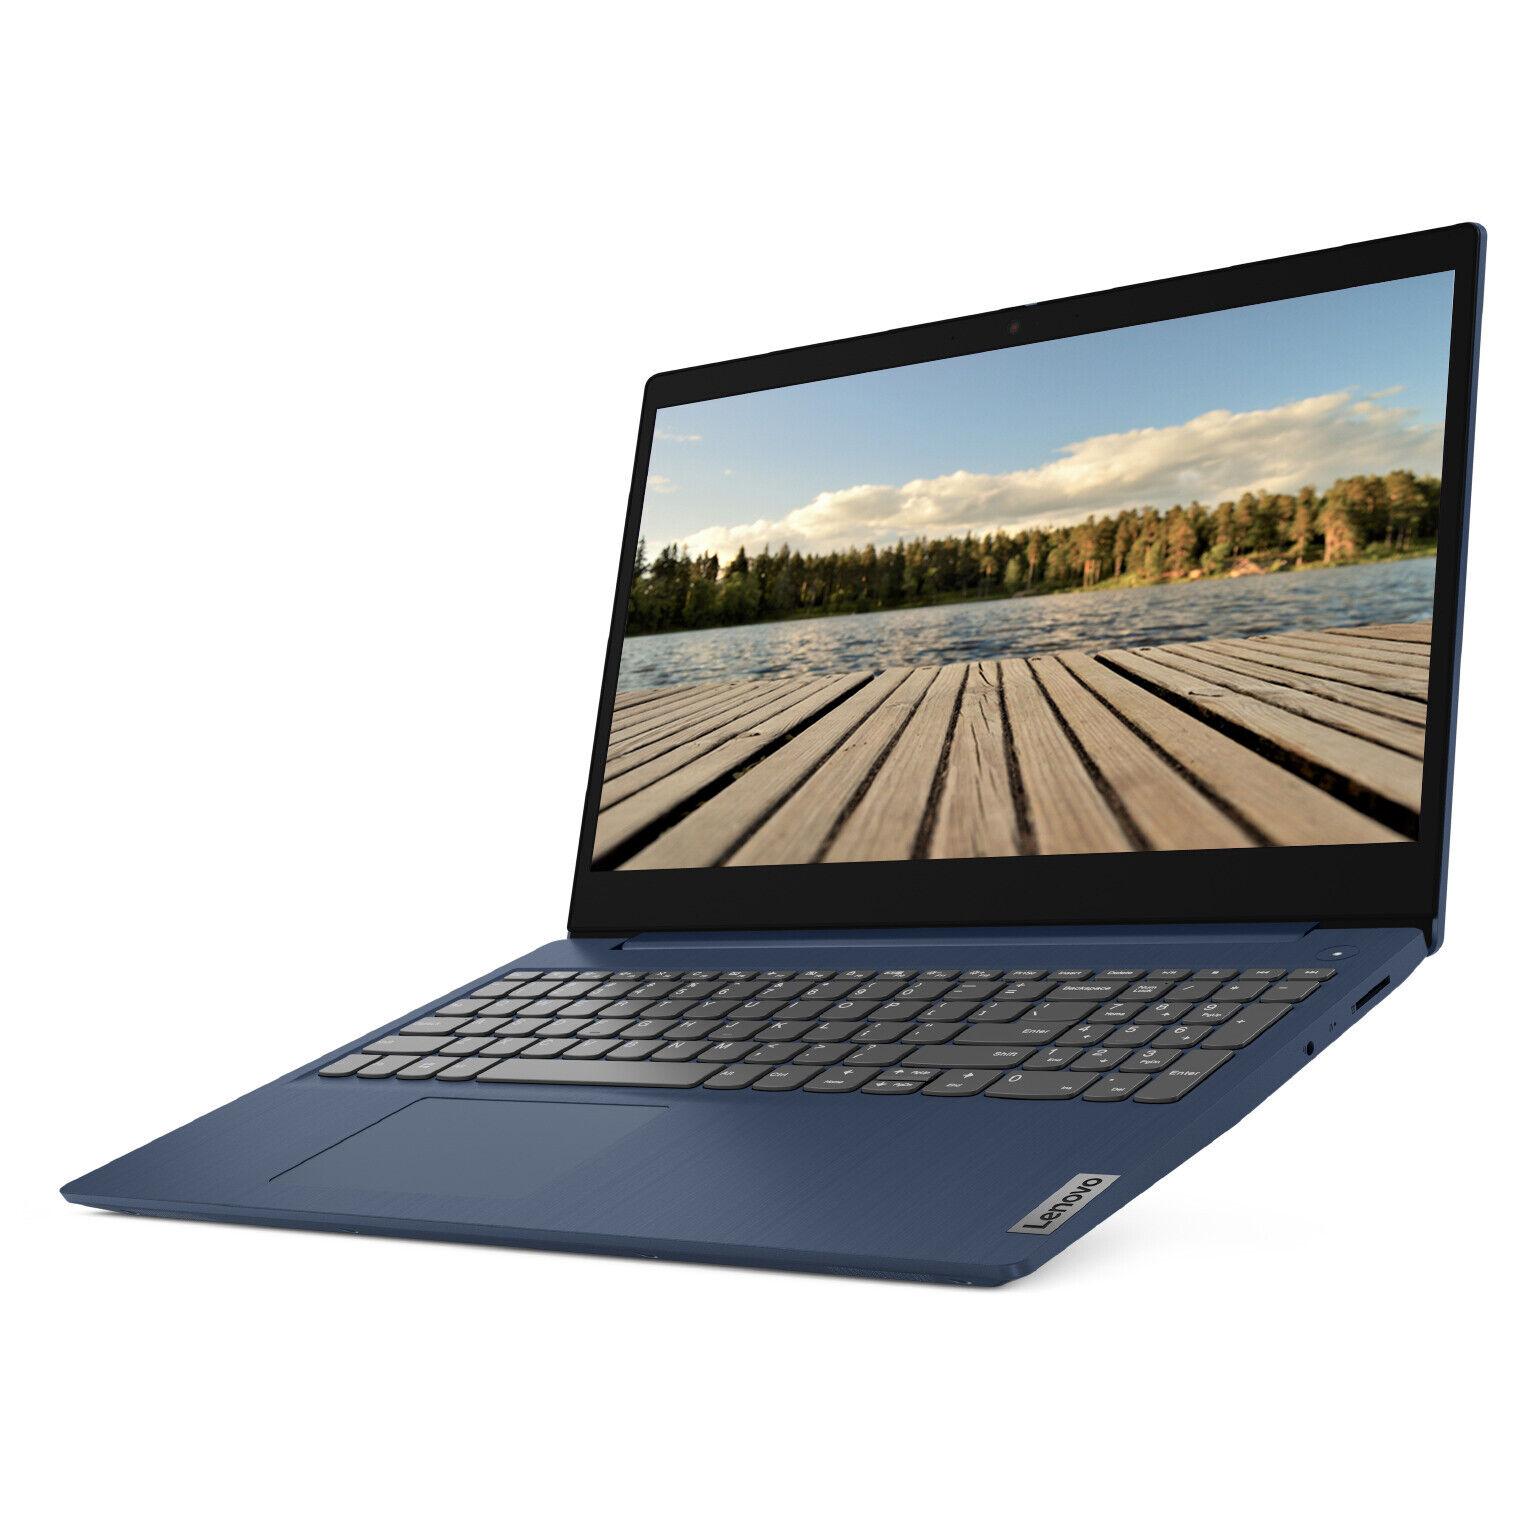 """NEW Lenovo IdeaPad 3 15.6"""" FHD Intel Core i3 128GB SSD 4GB DDR4 RAM Win 10"""